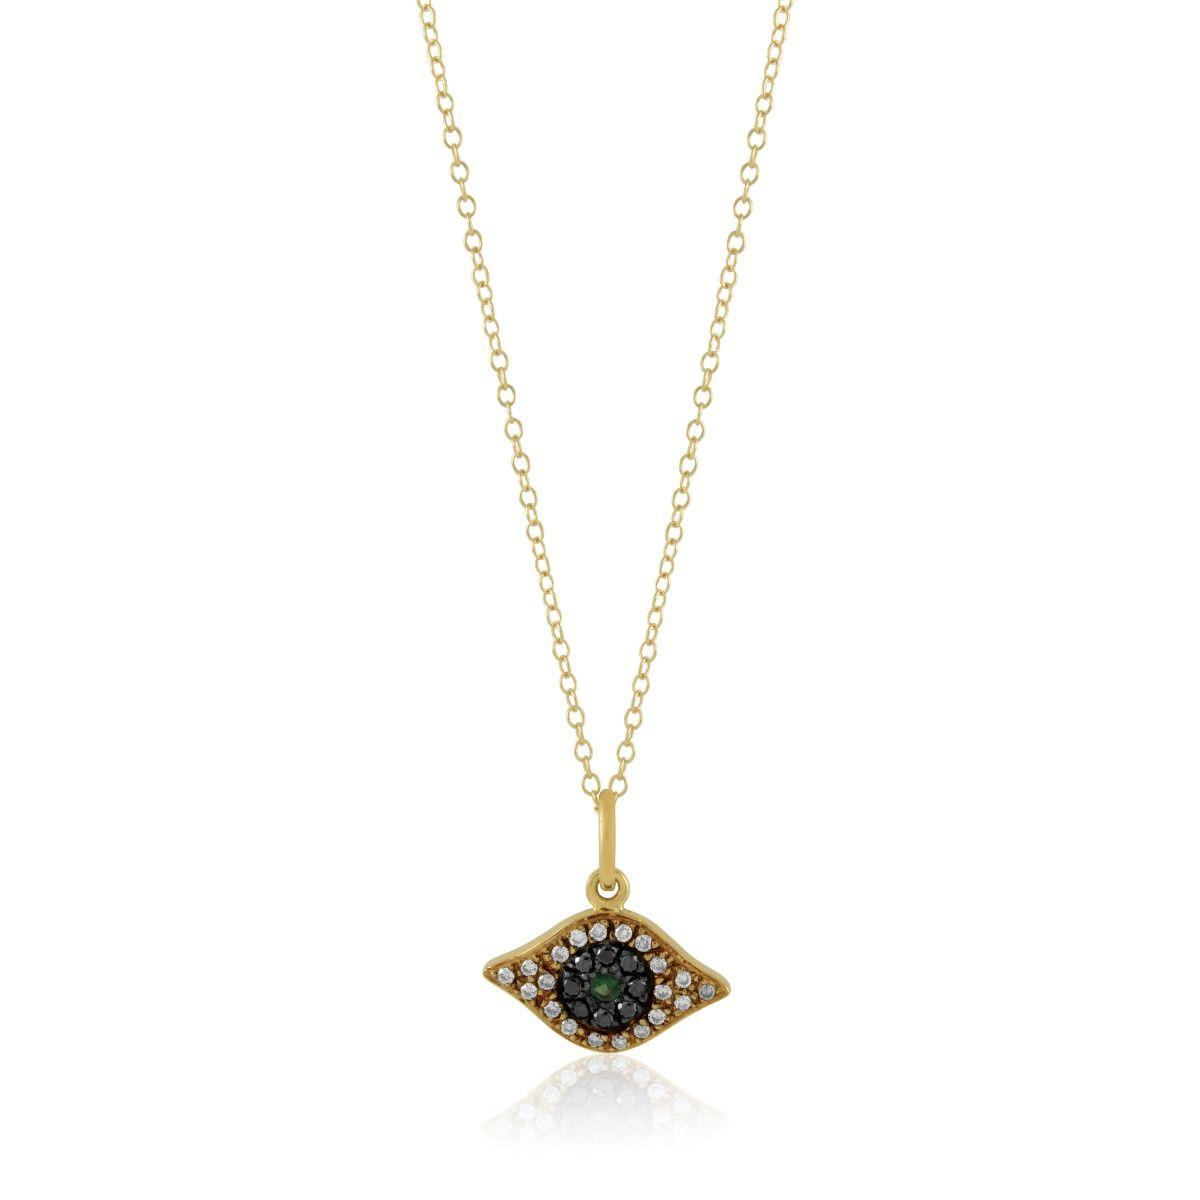 Ileana Makri | Overstock Com Jewelry | Costco Jewelry